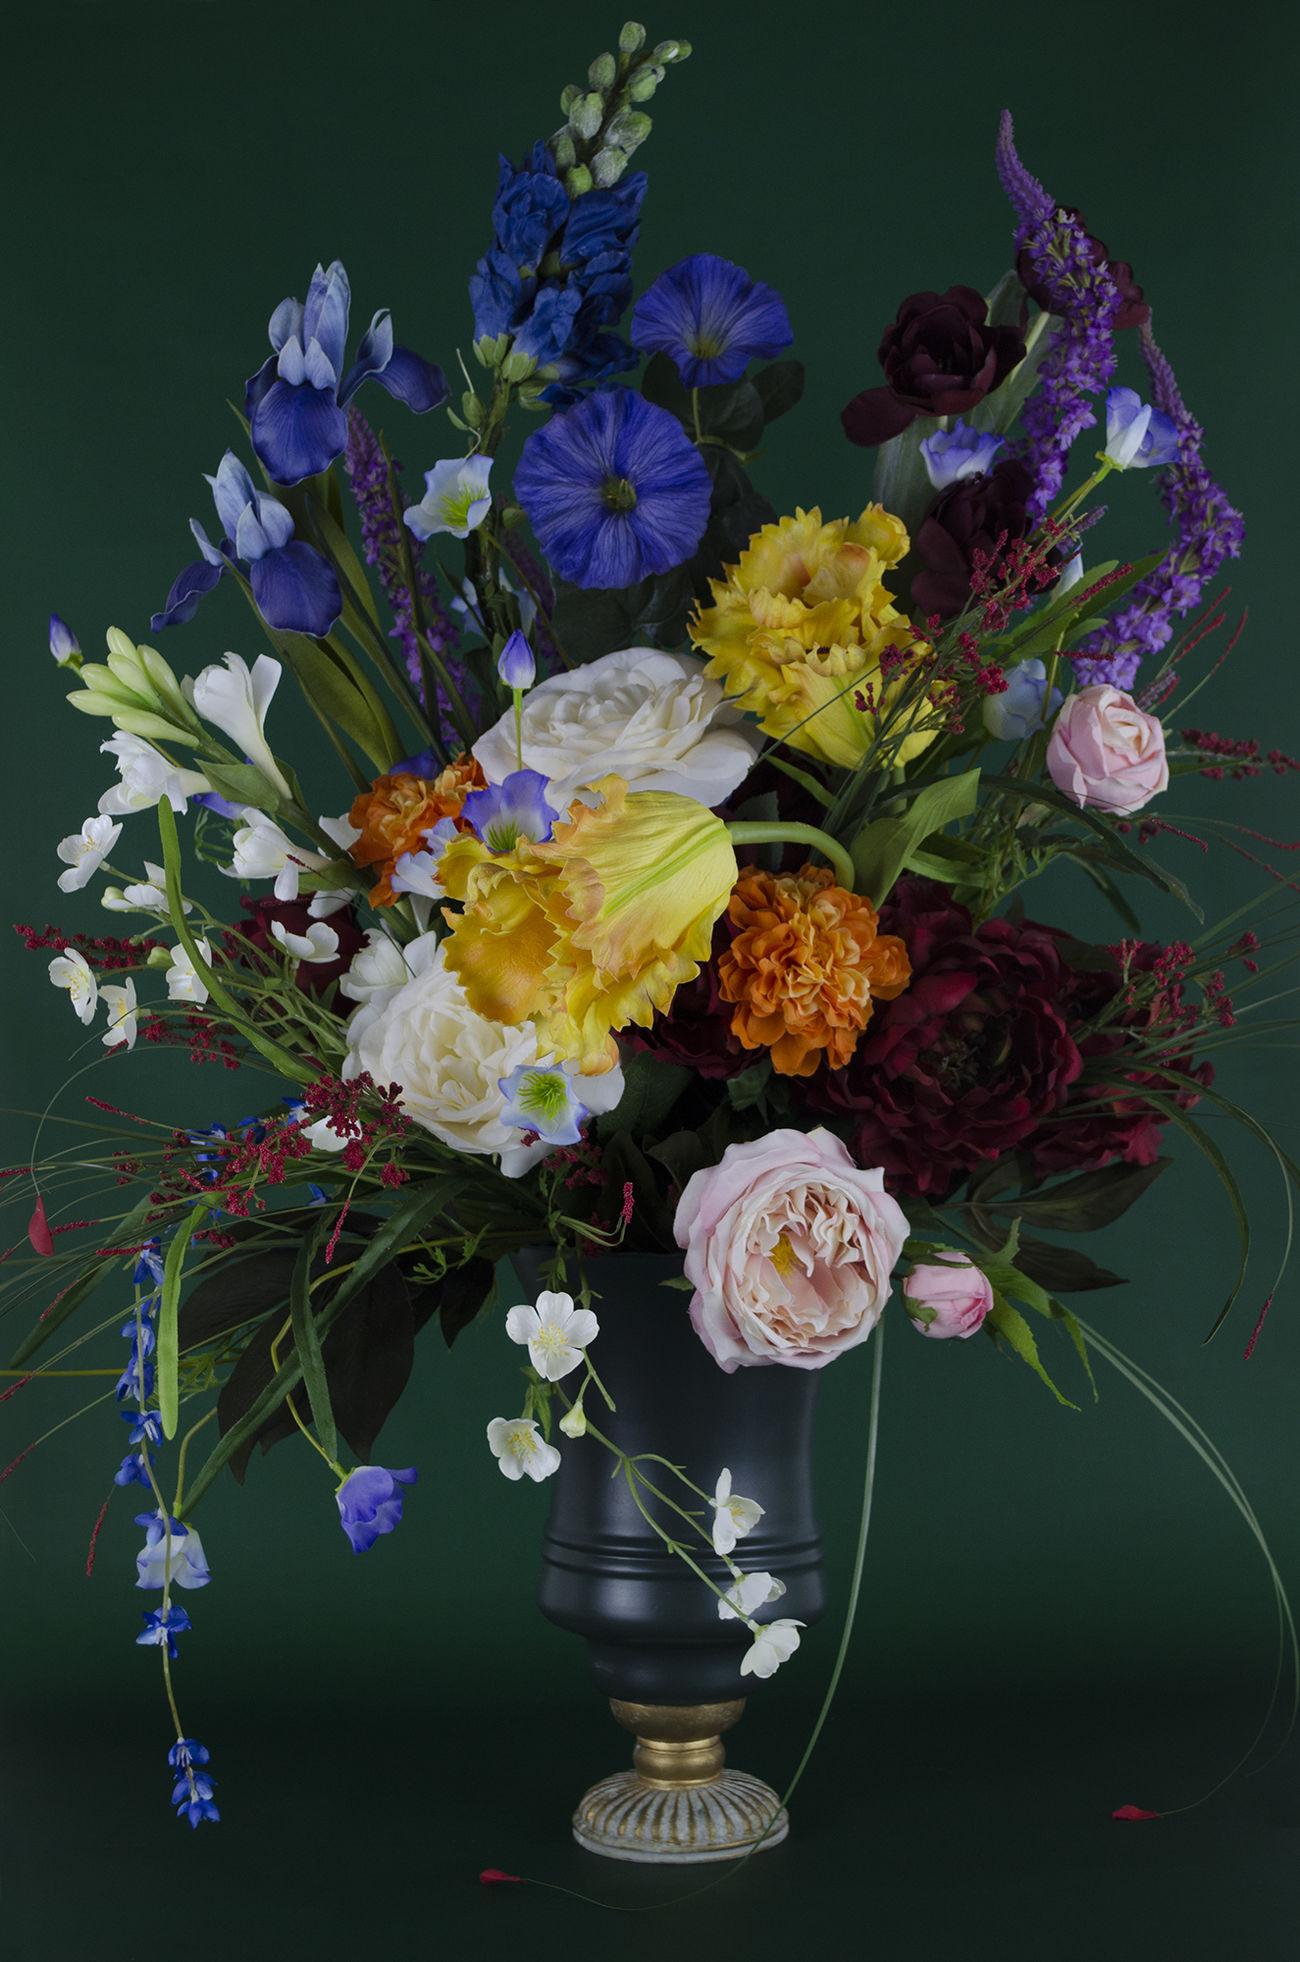 flower, flowering plant, plant, fragility, vulnerability